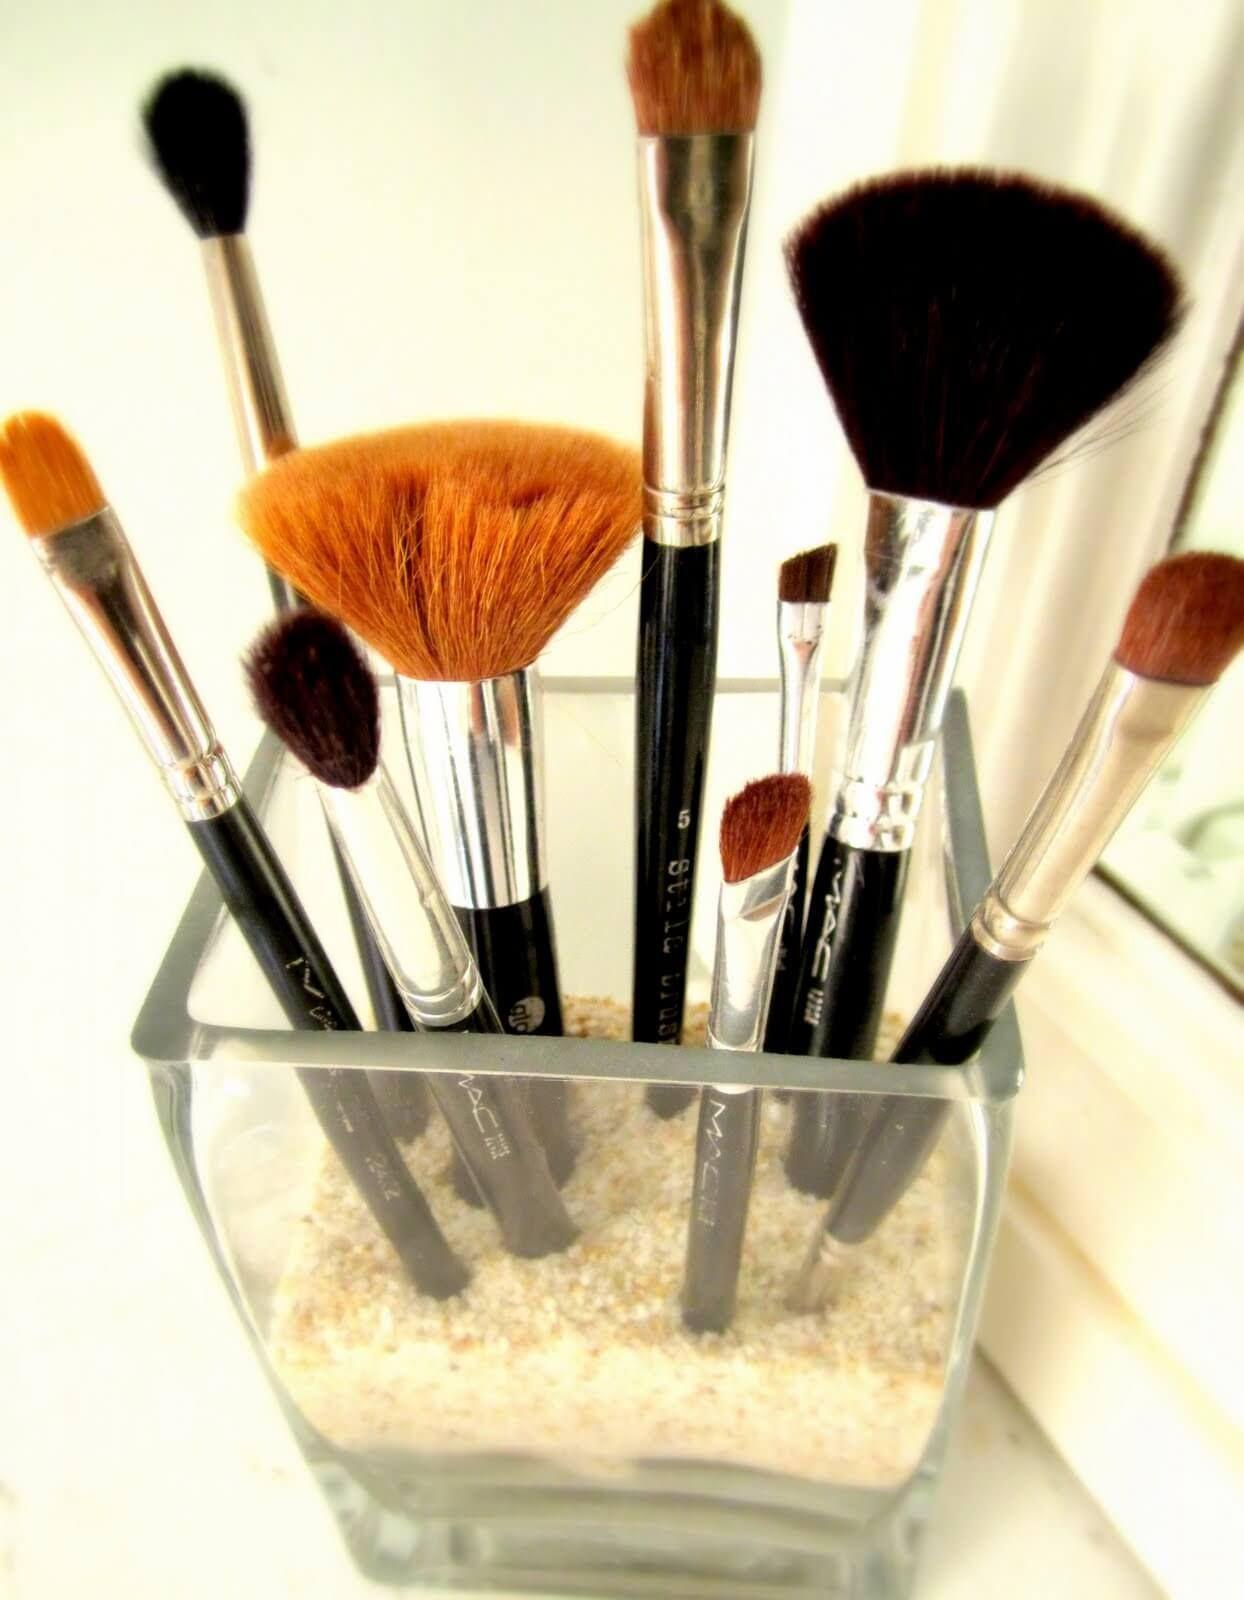 A Pretty Way to Display Makeup Brushes Diy makeup